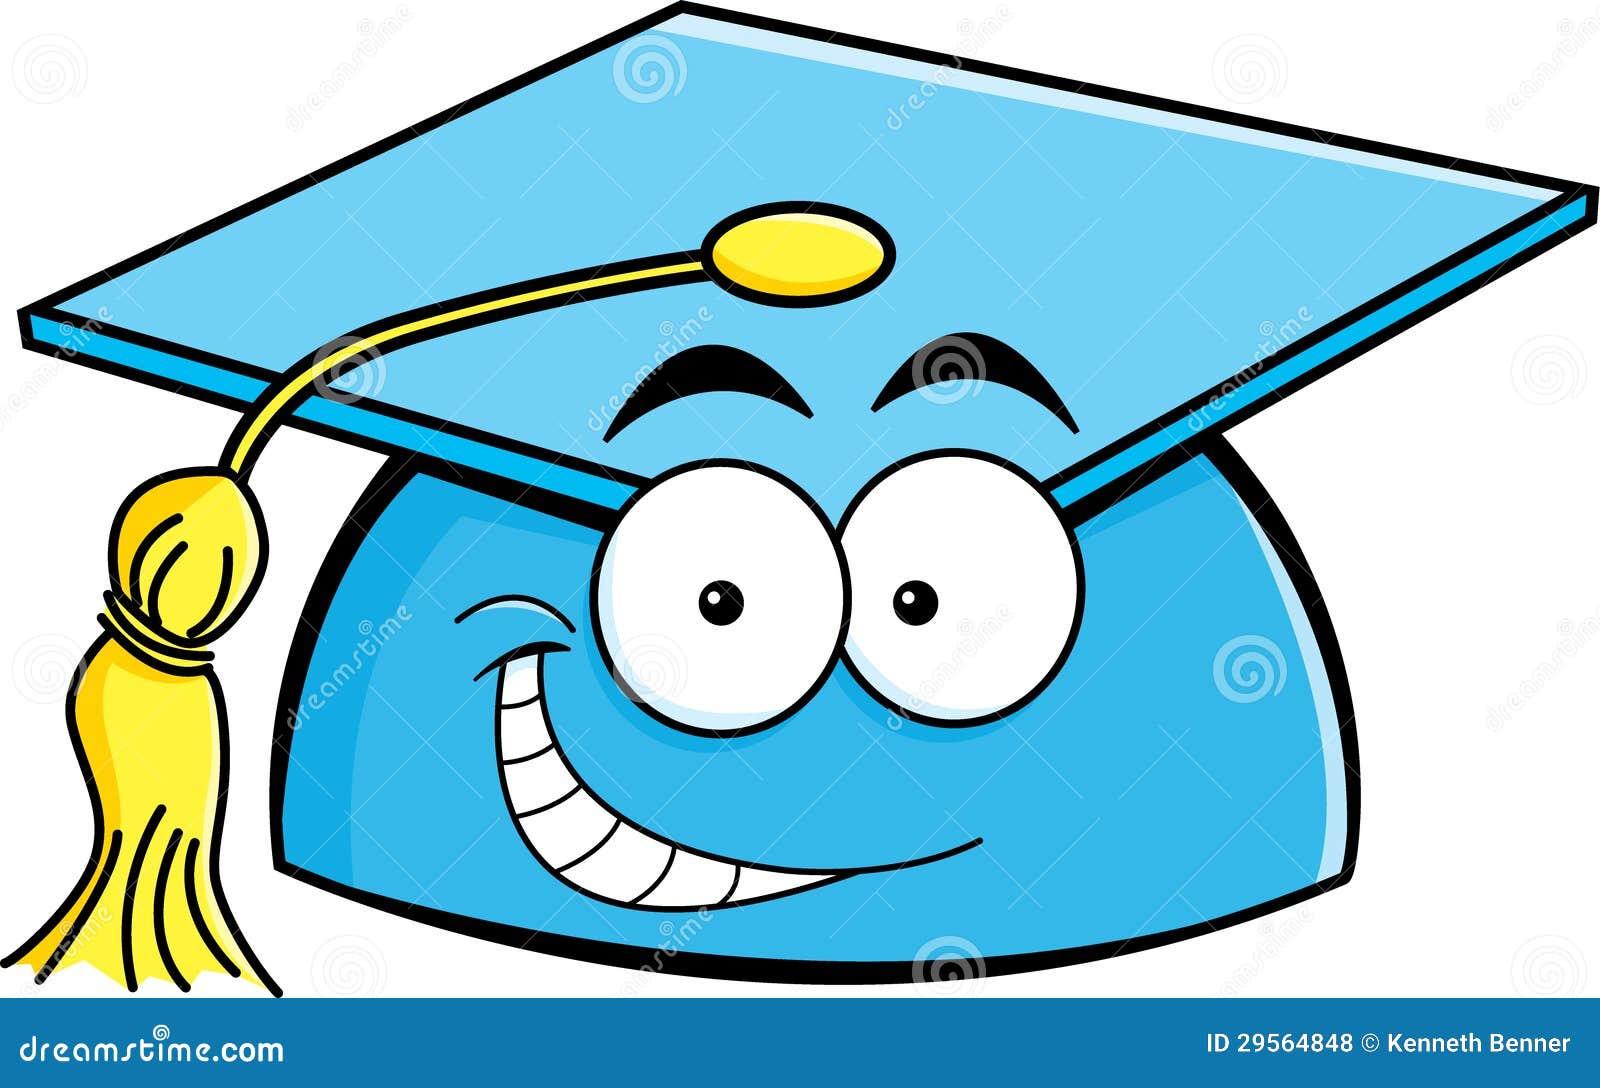 funny graduation clip art - photo #8